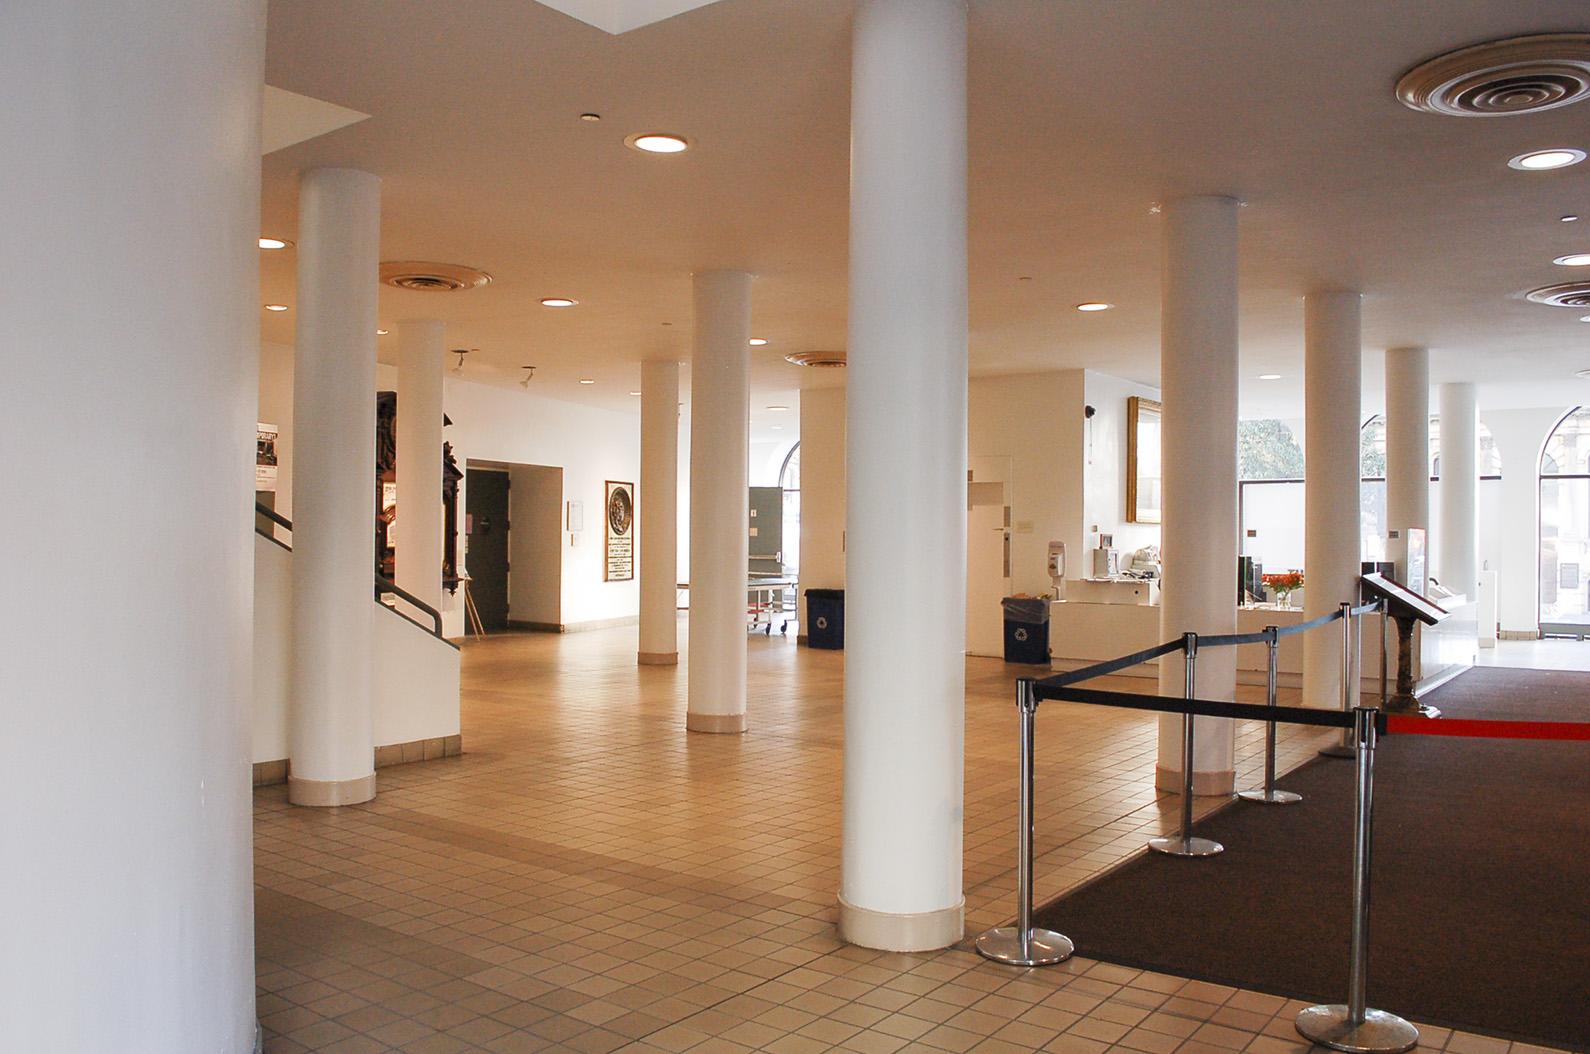 Fotografía desde la esquina suroeste de la planta baja del vestíbulo de la Cooper Union. En primer plano está la curva del cilindro del elevador.